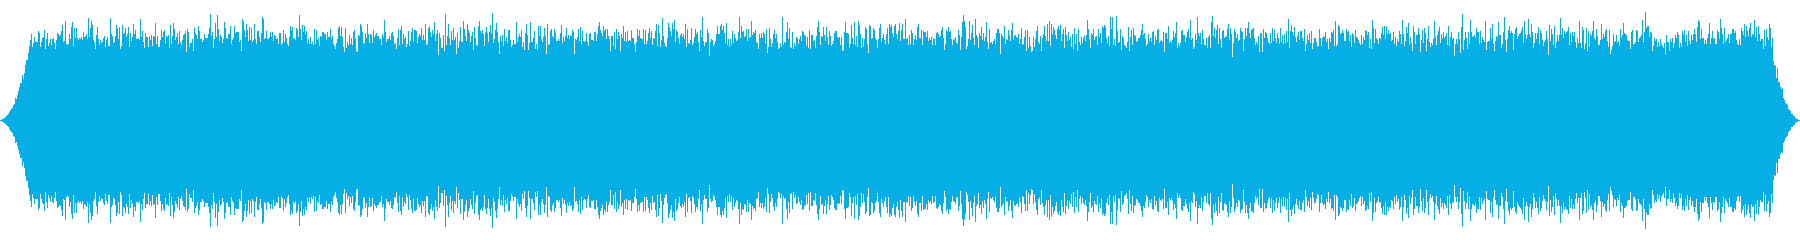 洞窟の風:焼け付くようなhistの...の再生済みの波形